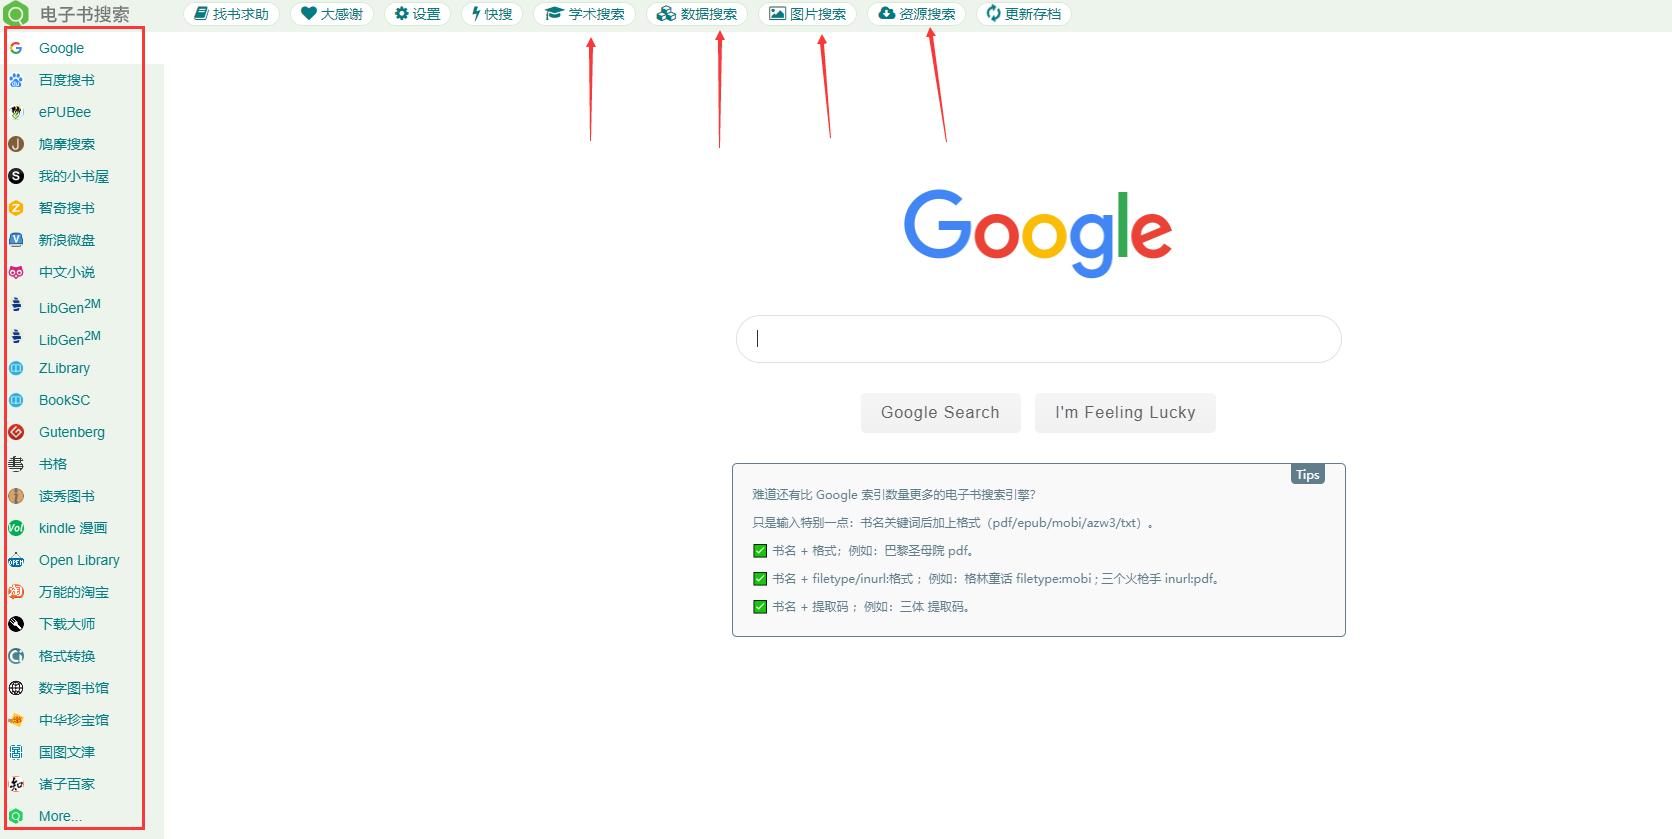 推荐5个实用的搜书网站,各种电子格式应有尽有